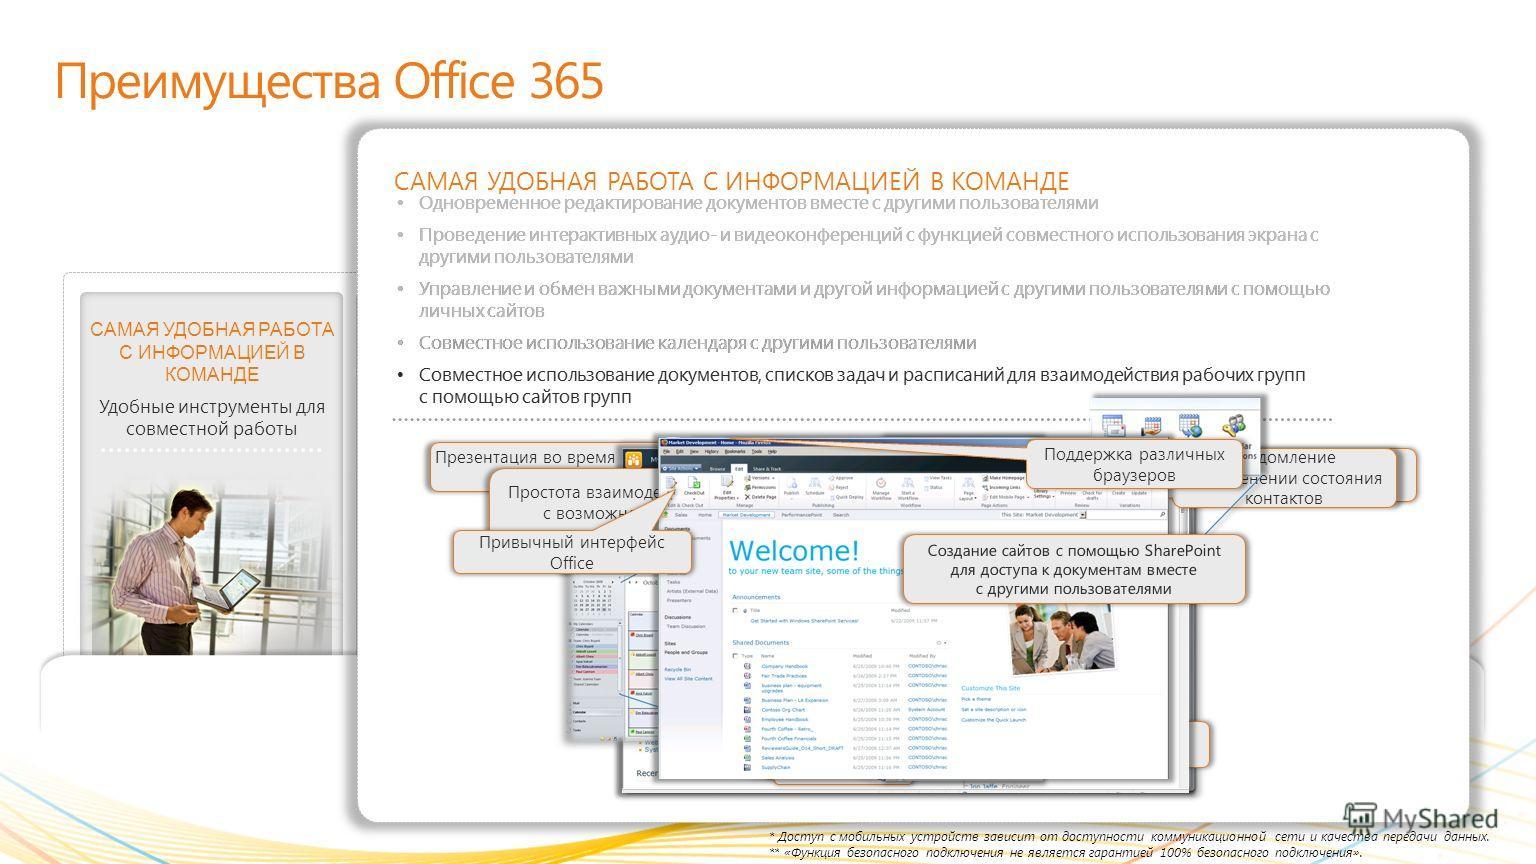 САМАЯ УДОБНАЯ РАБОТА С ИНФОРМАЦИЕЙ В КОМАНДЕ Удобные инструменты для совместной работы Преимущества Office 365 РАБОТА НЕЗАВИСИМО ОТ МЕСТОНАХОЖДЕНИЯ* Работайте, где бы вы ни находились РАБОТА СО ЗНАКОМЫМИ СРЕДСТВАМИ Удобное и привычное ПО НАСТОЯЩАЯ БЕ